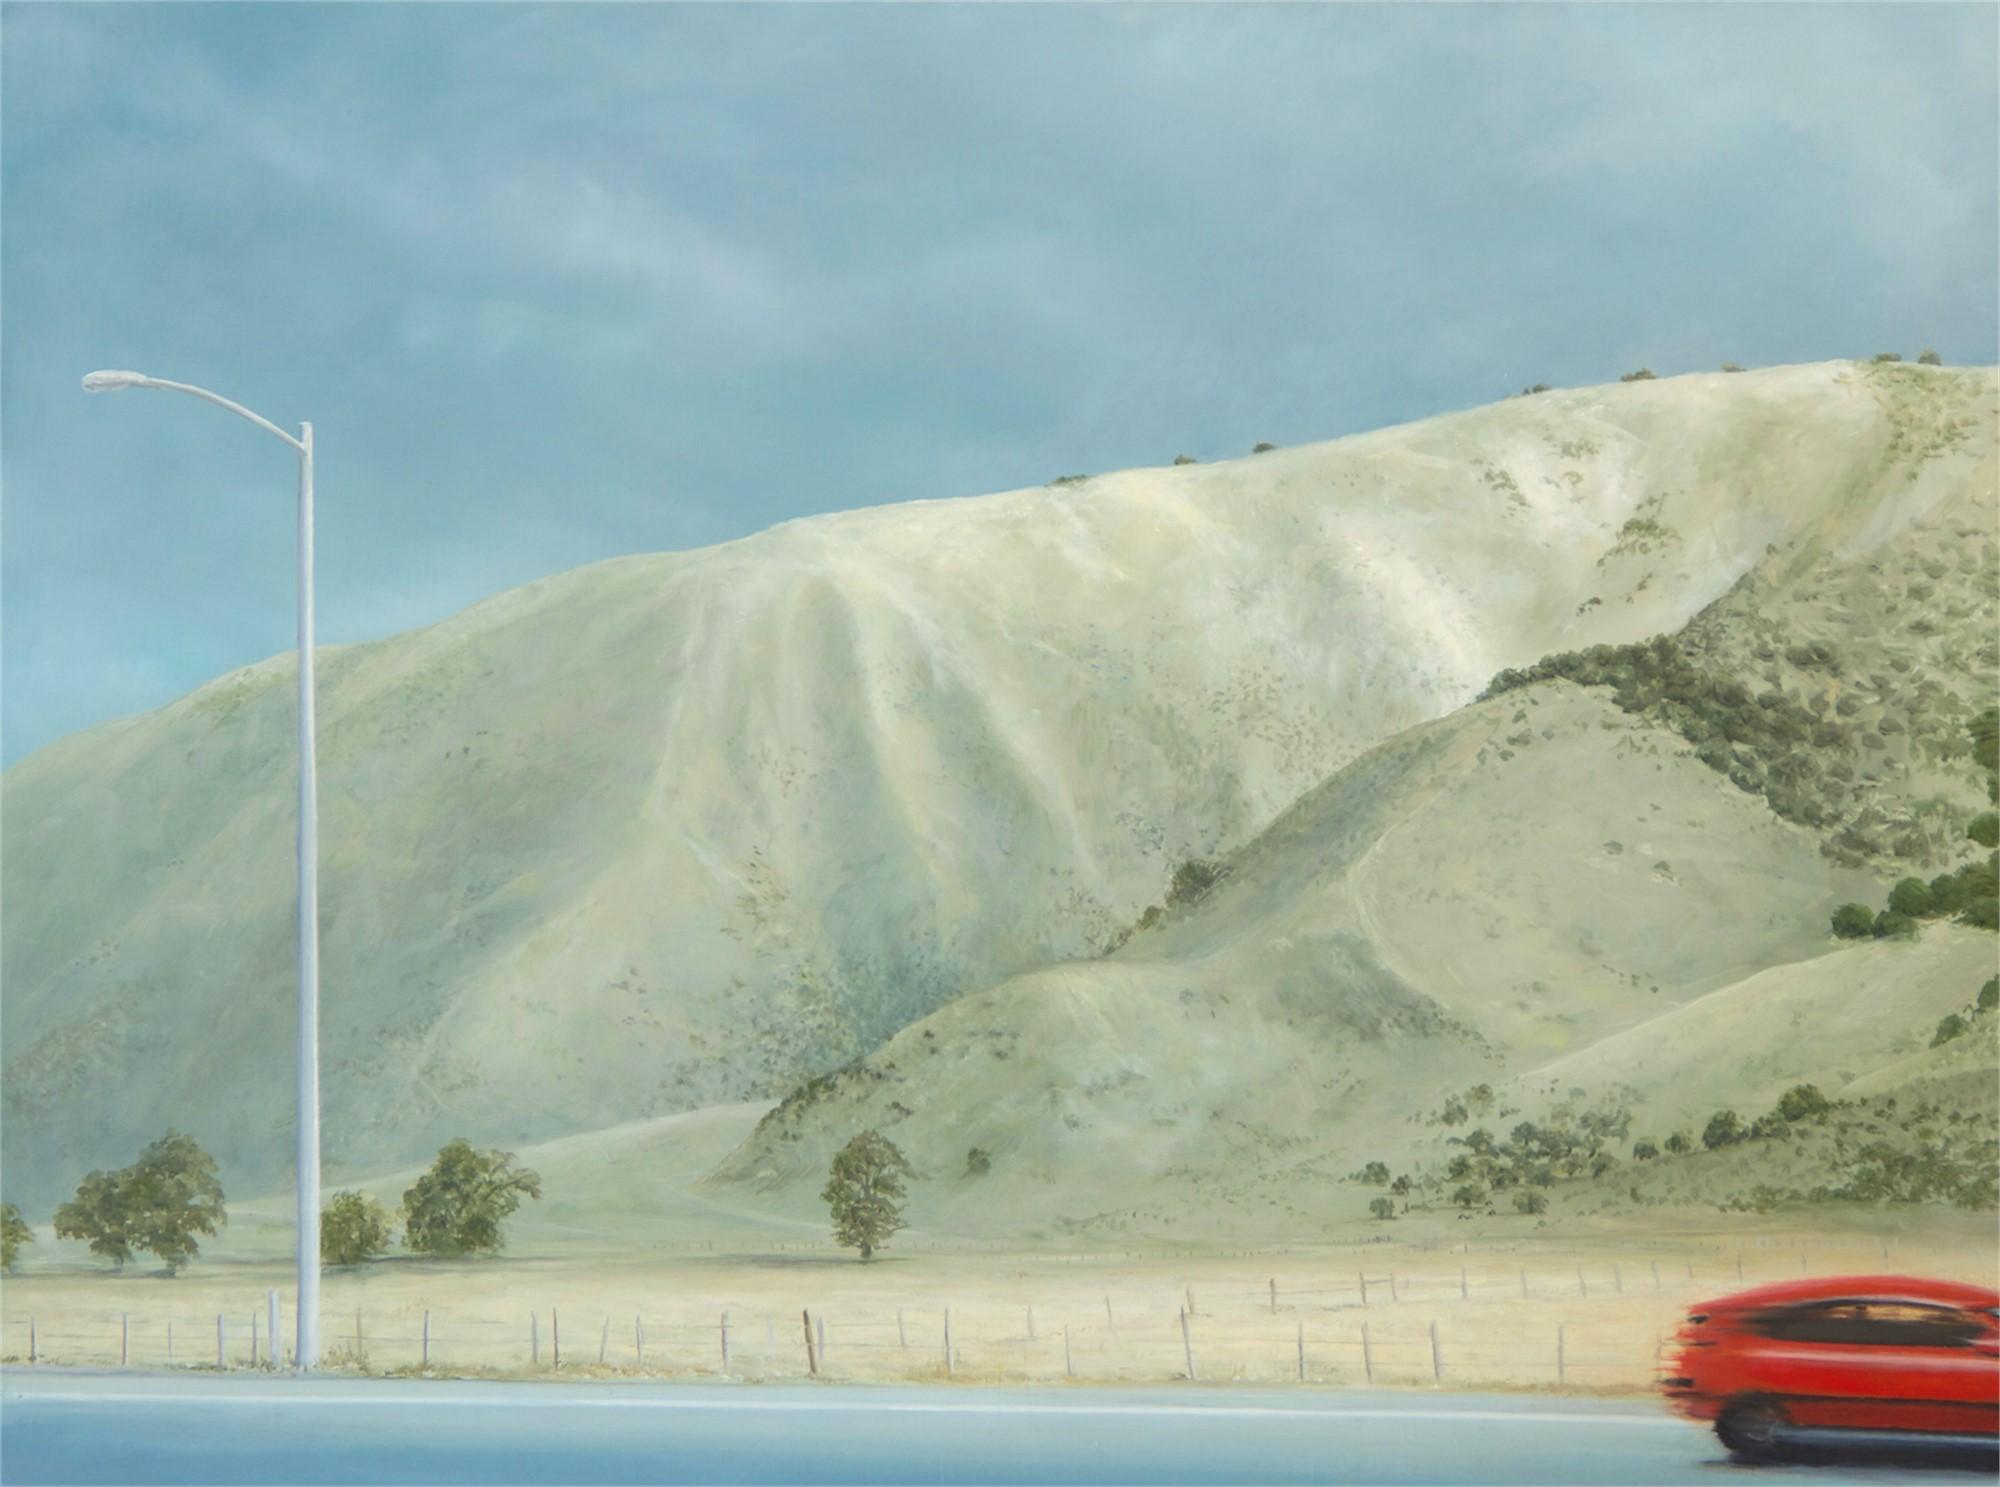 roadside landscape by Robert Bissell